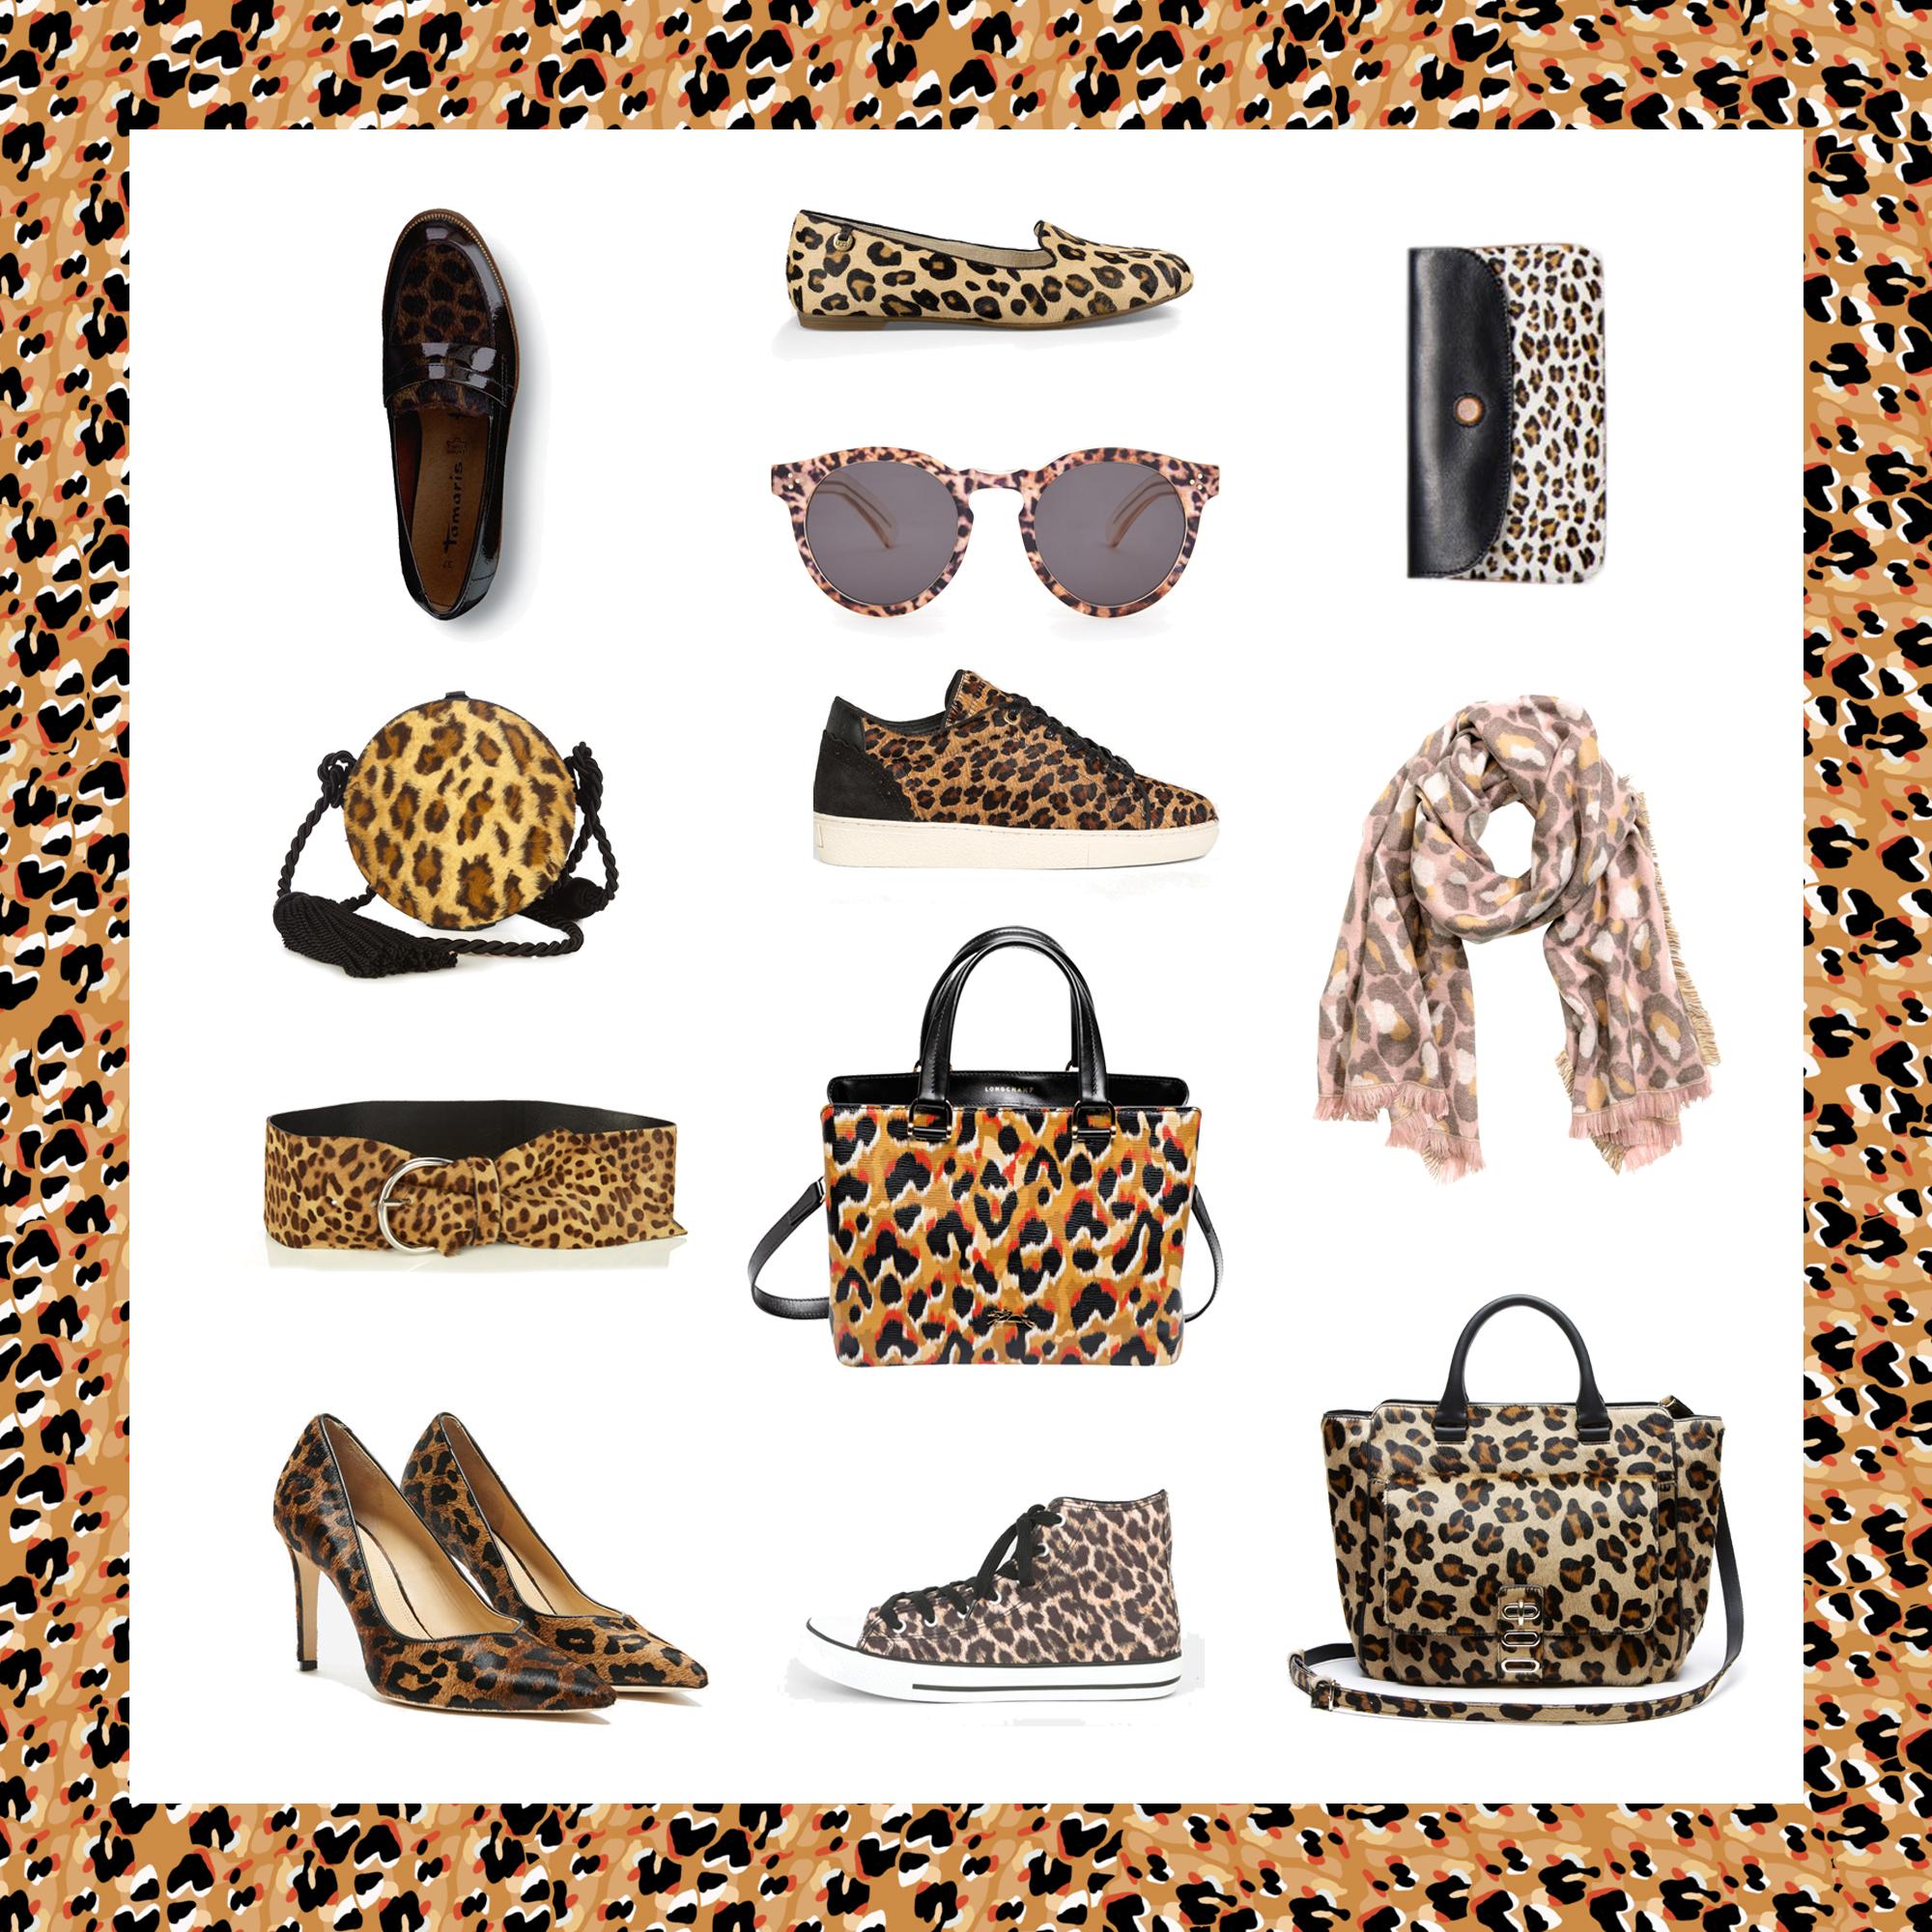 accessoire leopard  les plus beaux accessoires leopard de l\u0027hiver , Elle